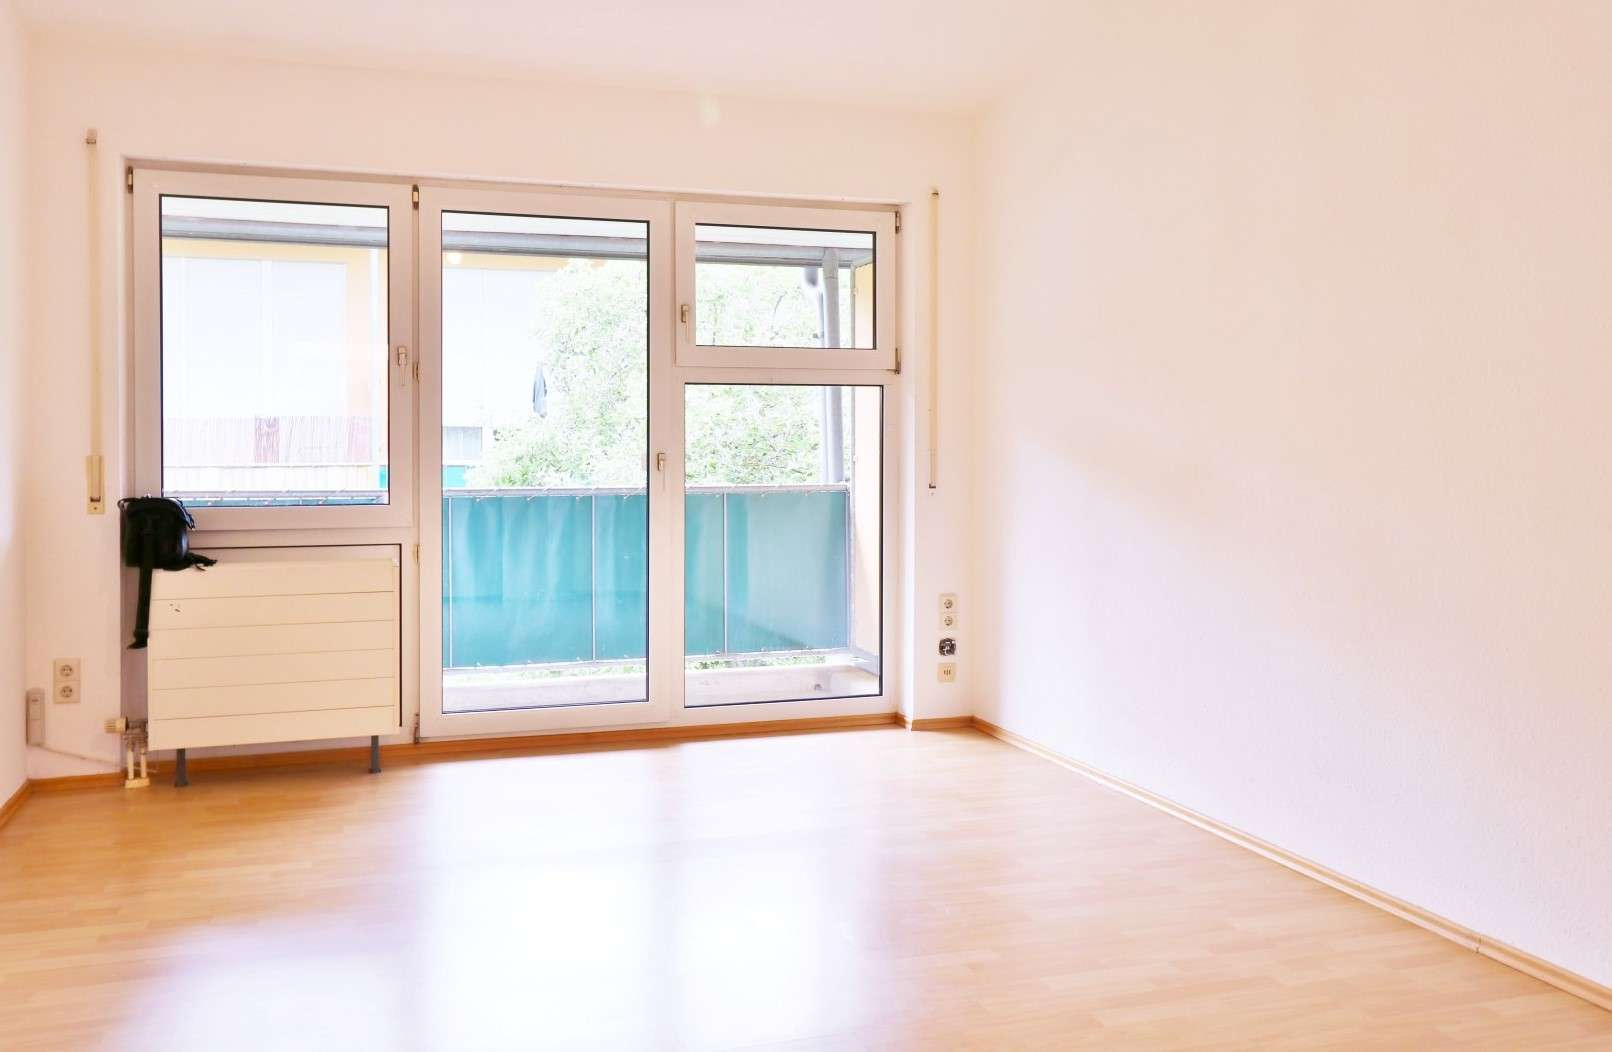 Schönes 1-Zimmer-Apartment im 1. OG mit Balkon, TG-Stellplatz, Kellerabteil, Sep. Waschmaschinenraum in